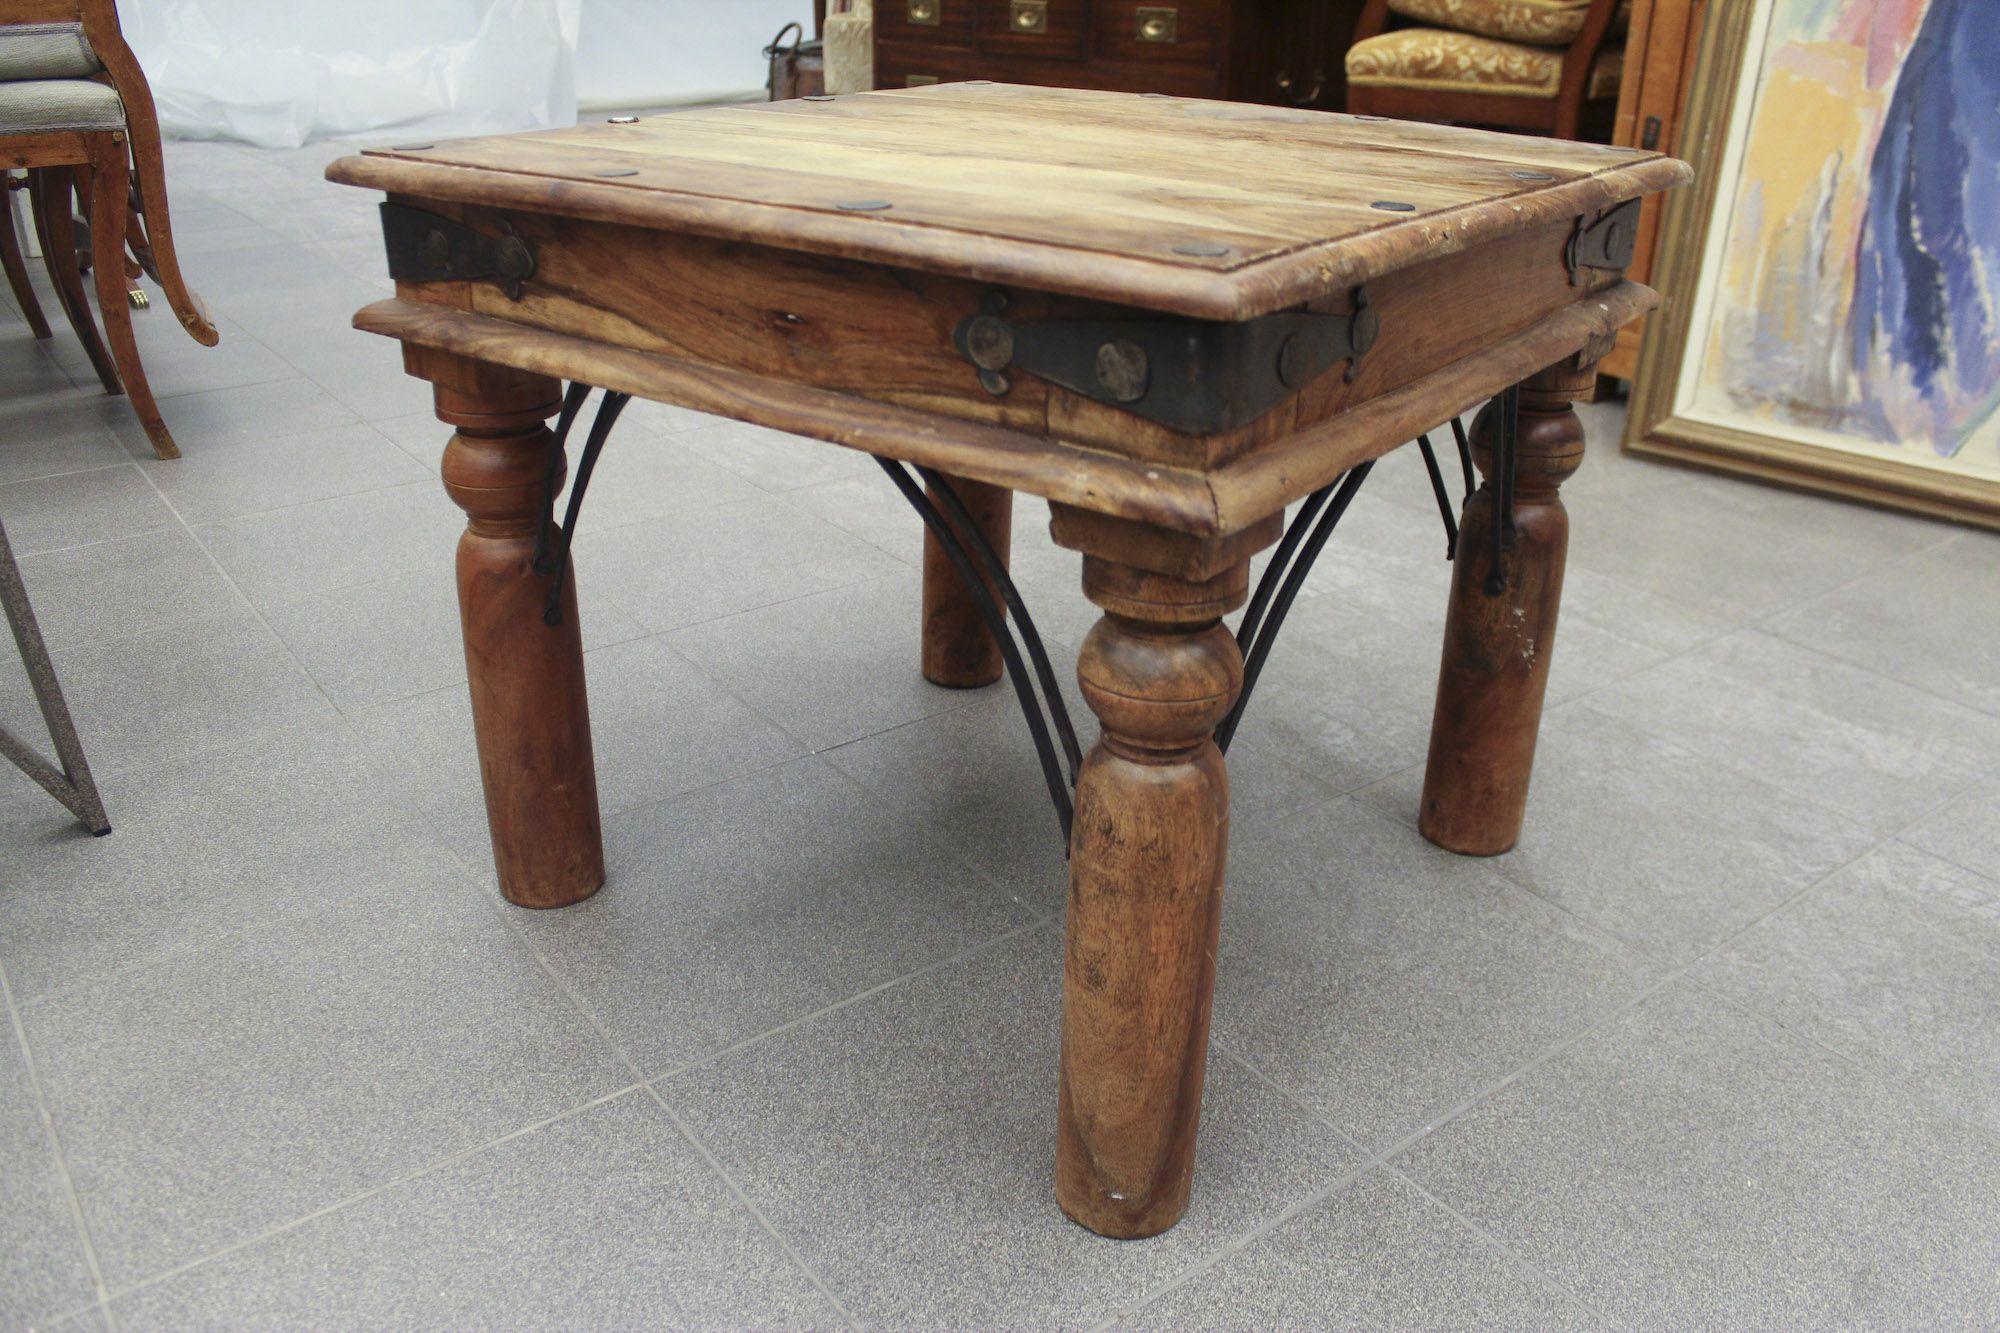 Soffbord, Rustikt, Längd 60, Djup 60, Höjd 50 733 6388 Metropol Auktioner